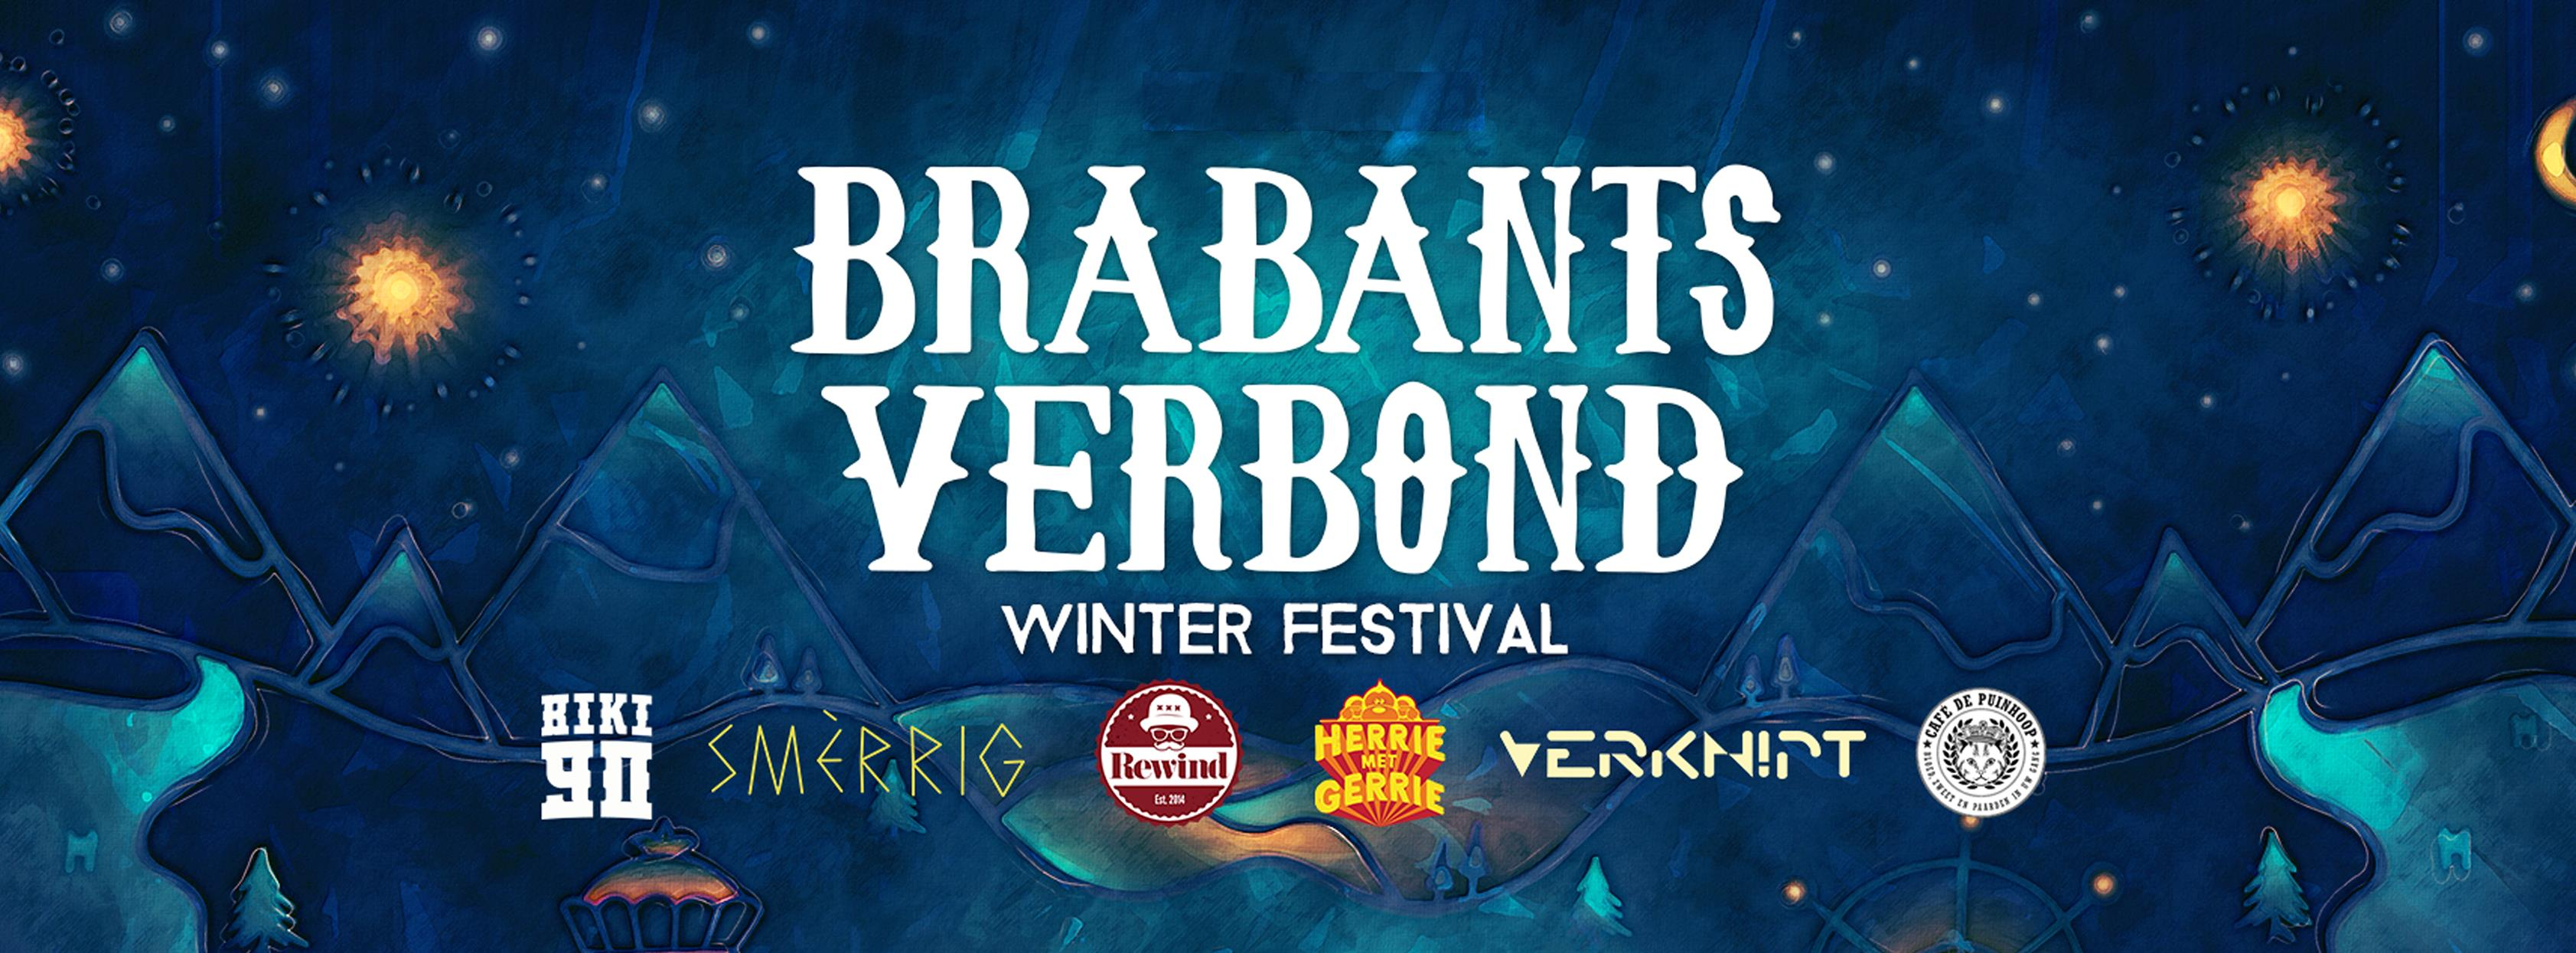 Brabants Verbond